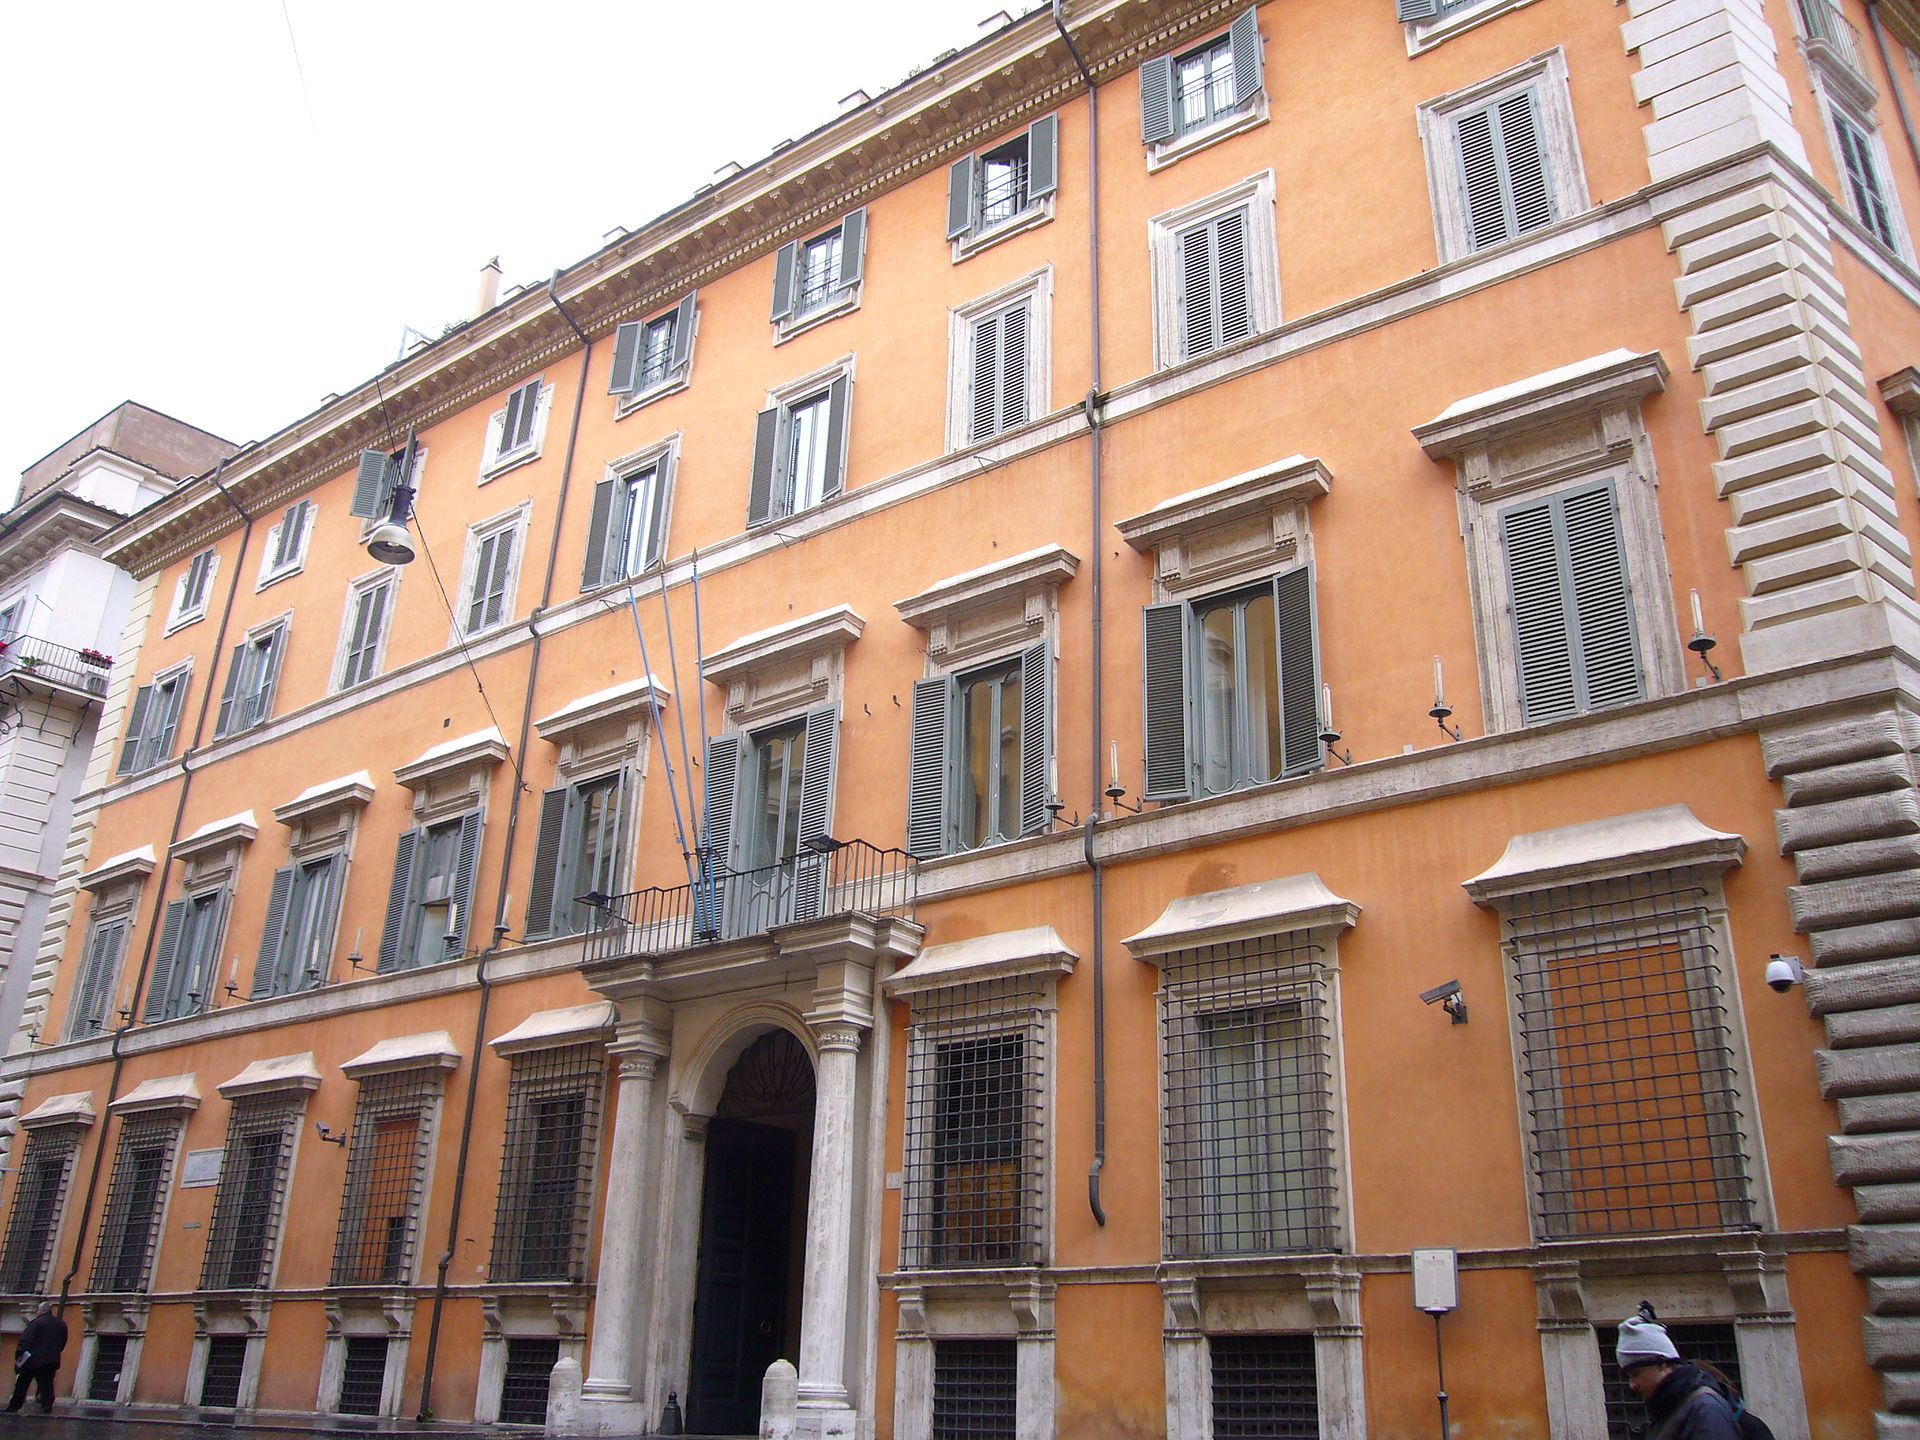 Palazzo giustiniani roma wikipedia for Senato della repubblica sede